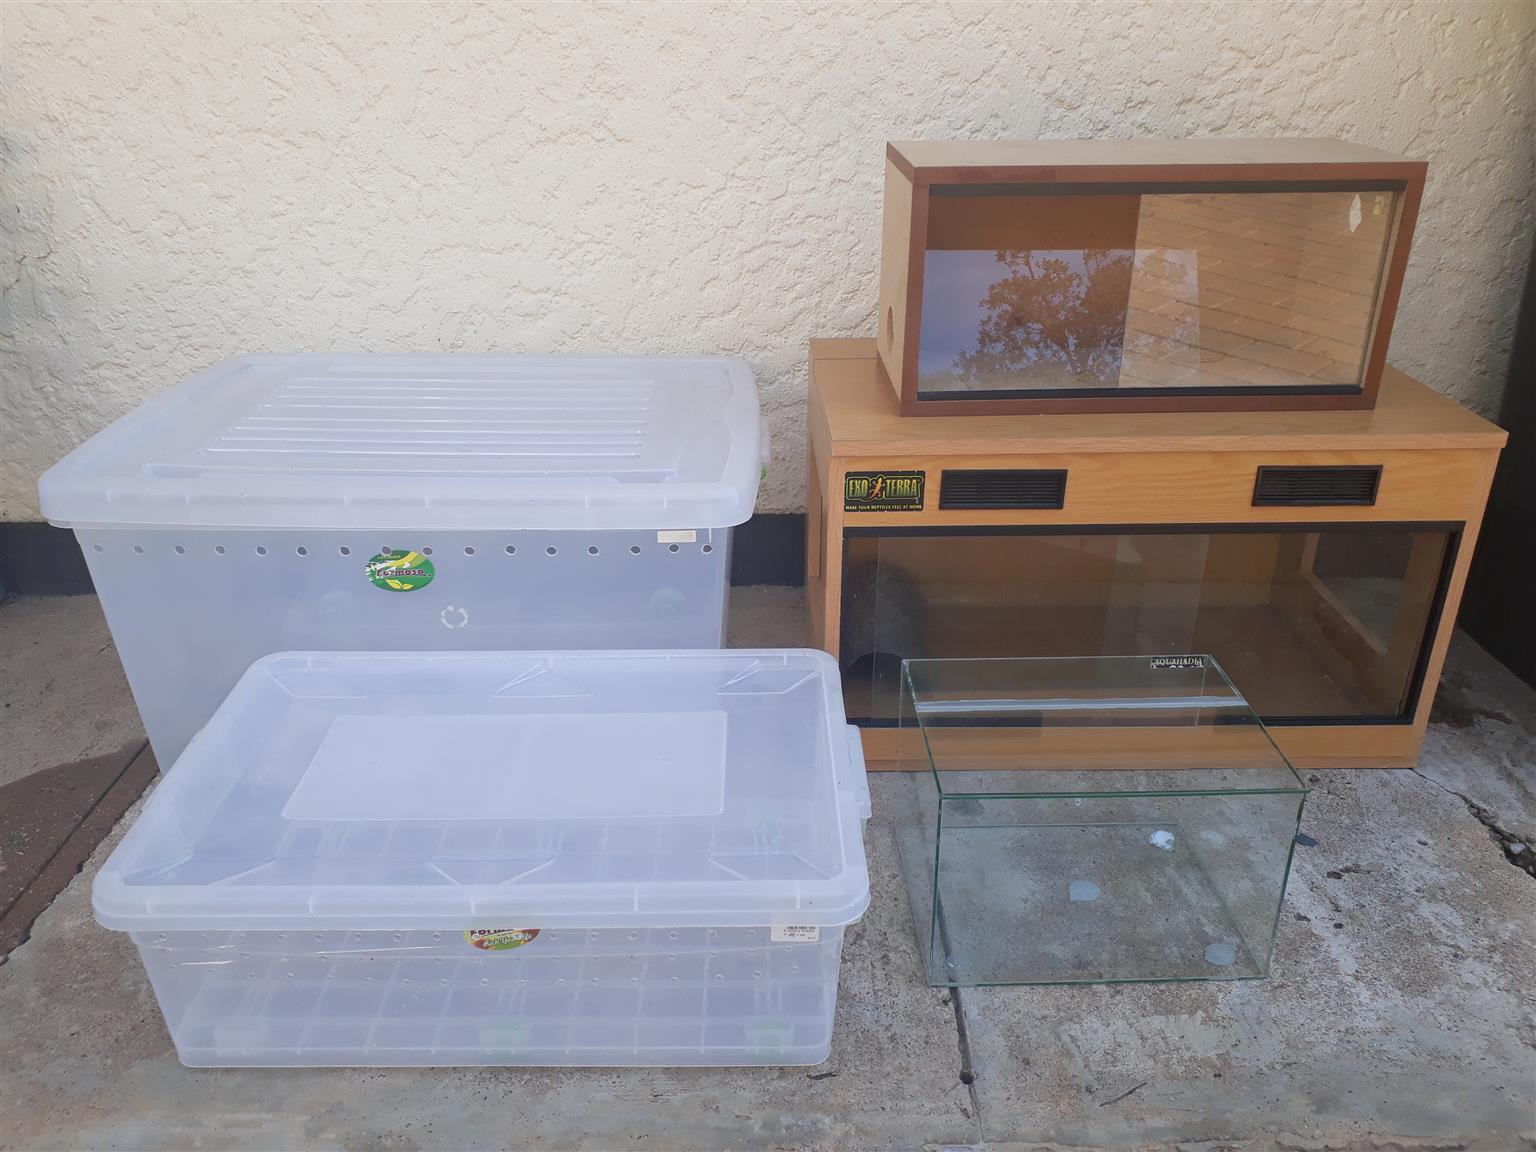 Terrariums for sale